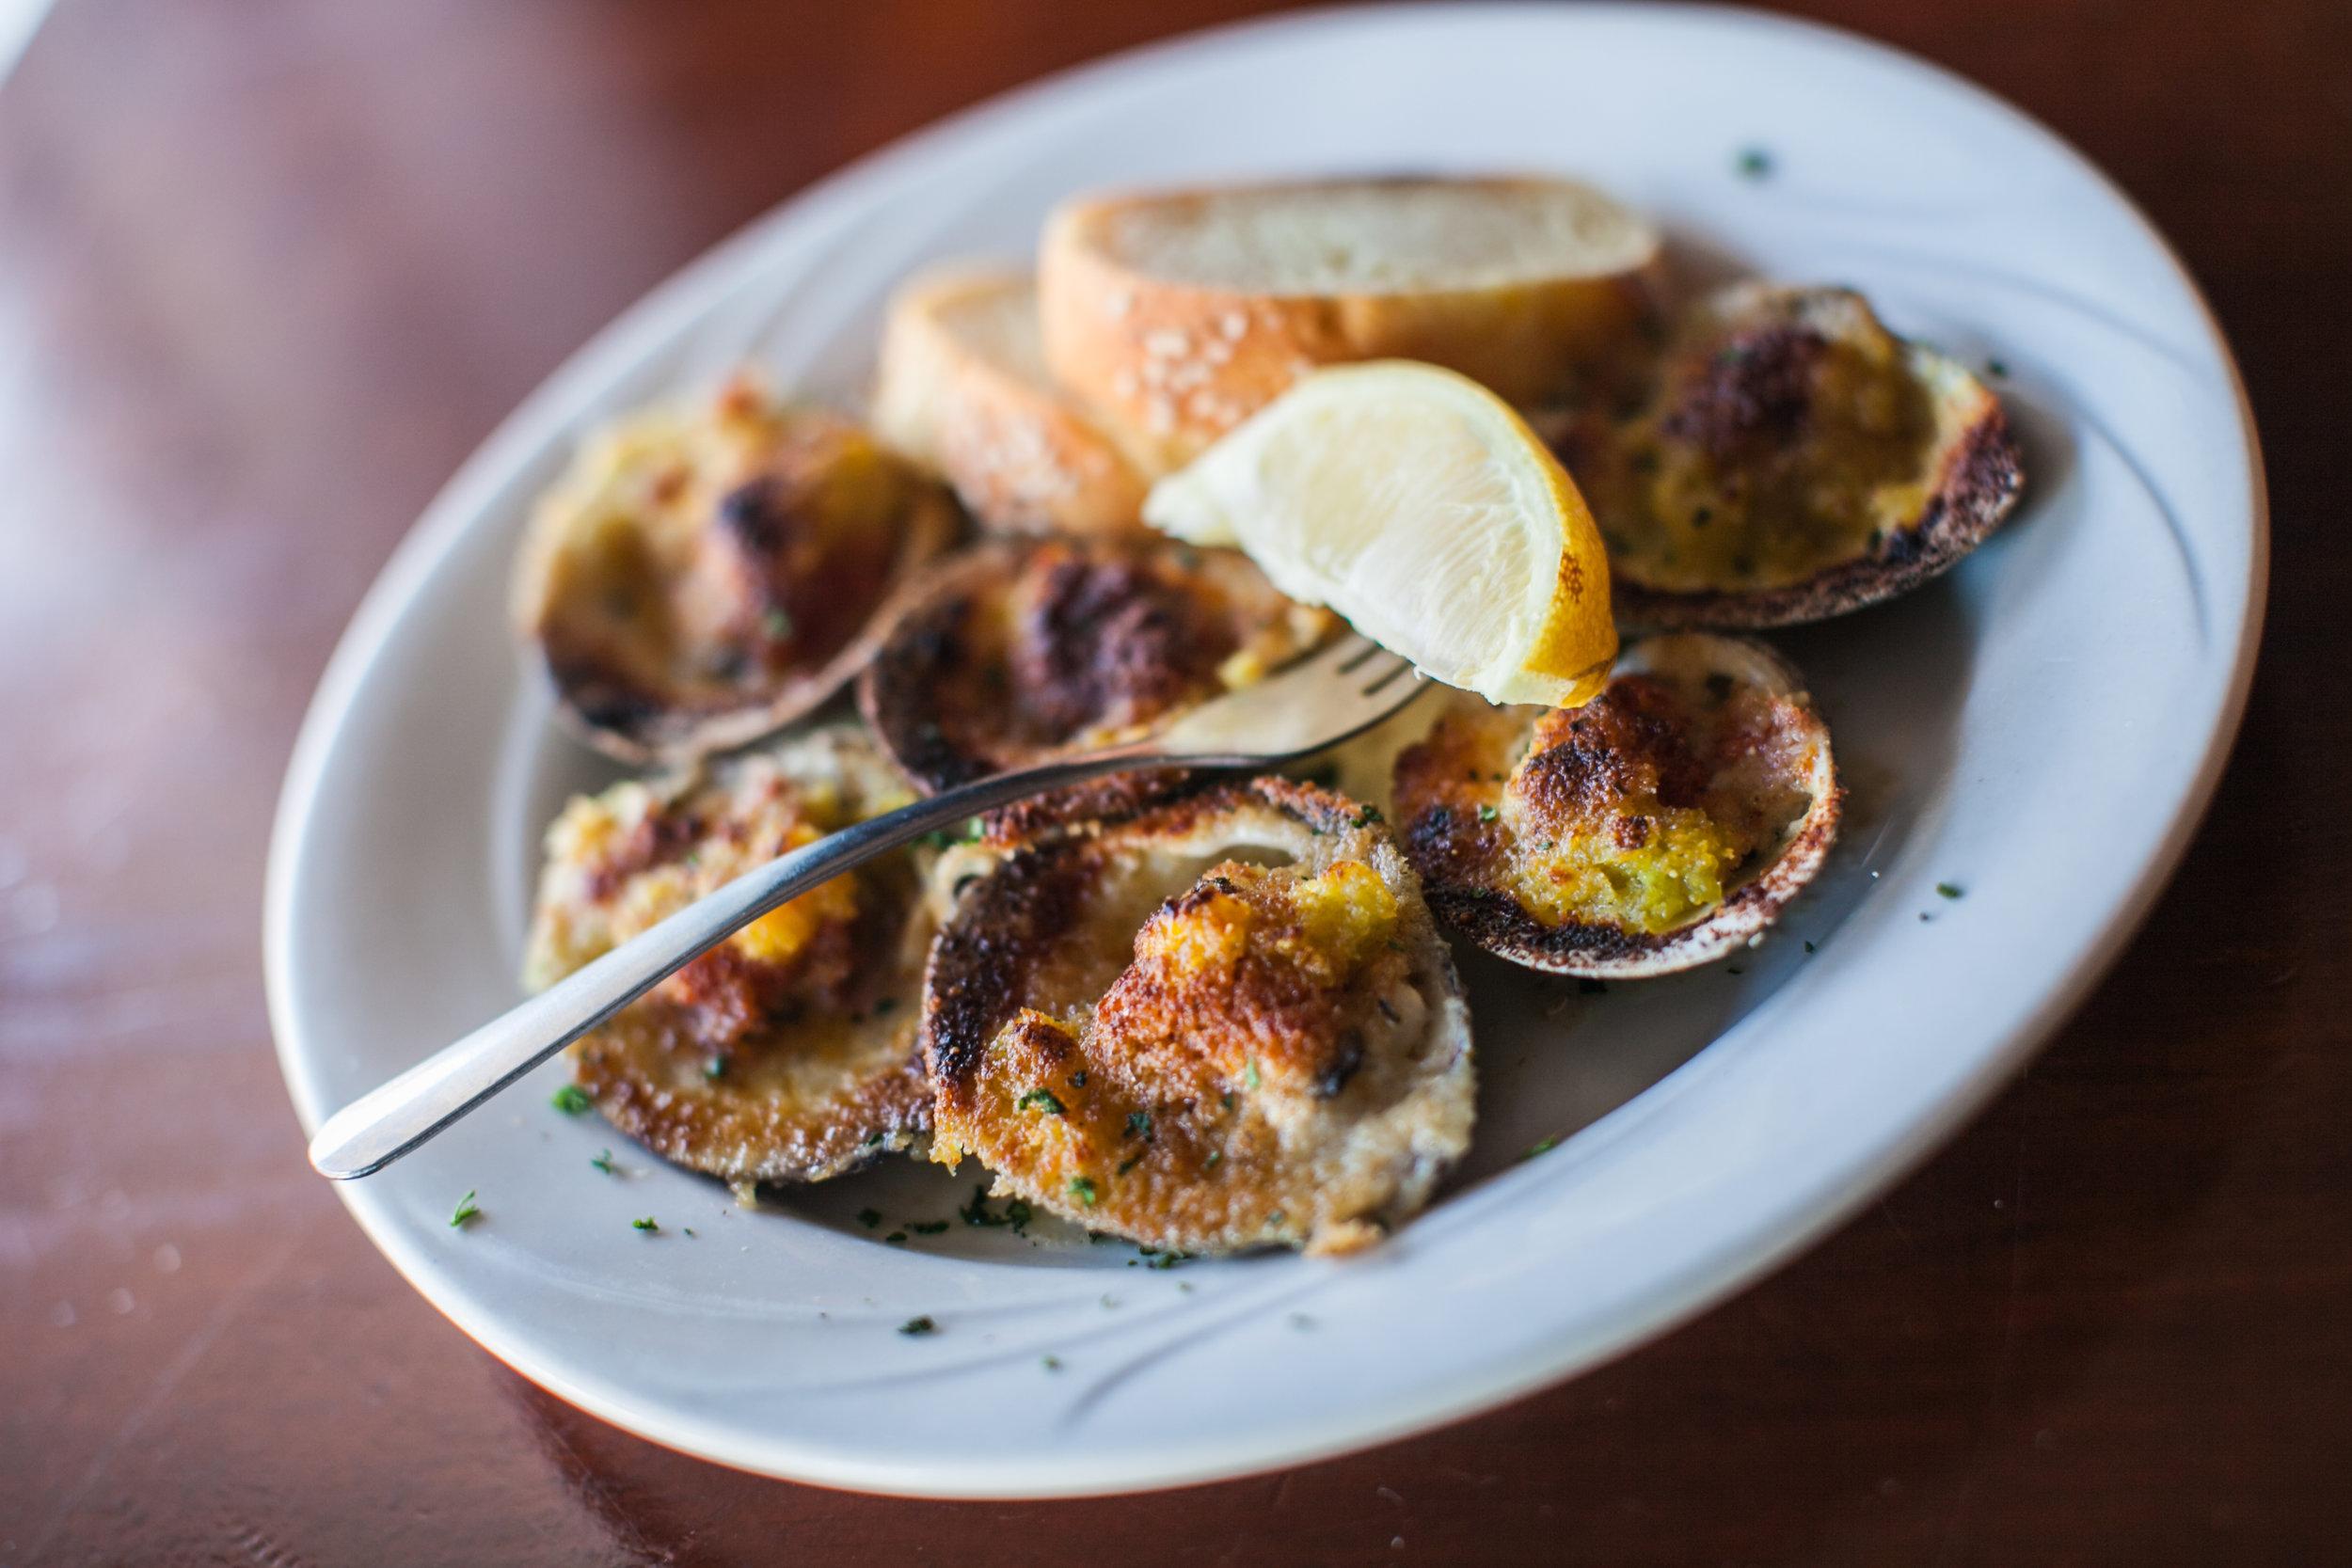 Fresh local clams. Photo: Ann Coen